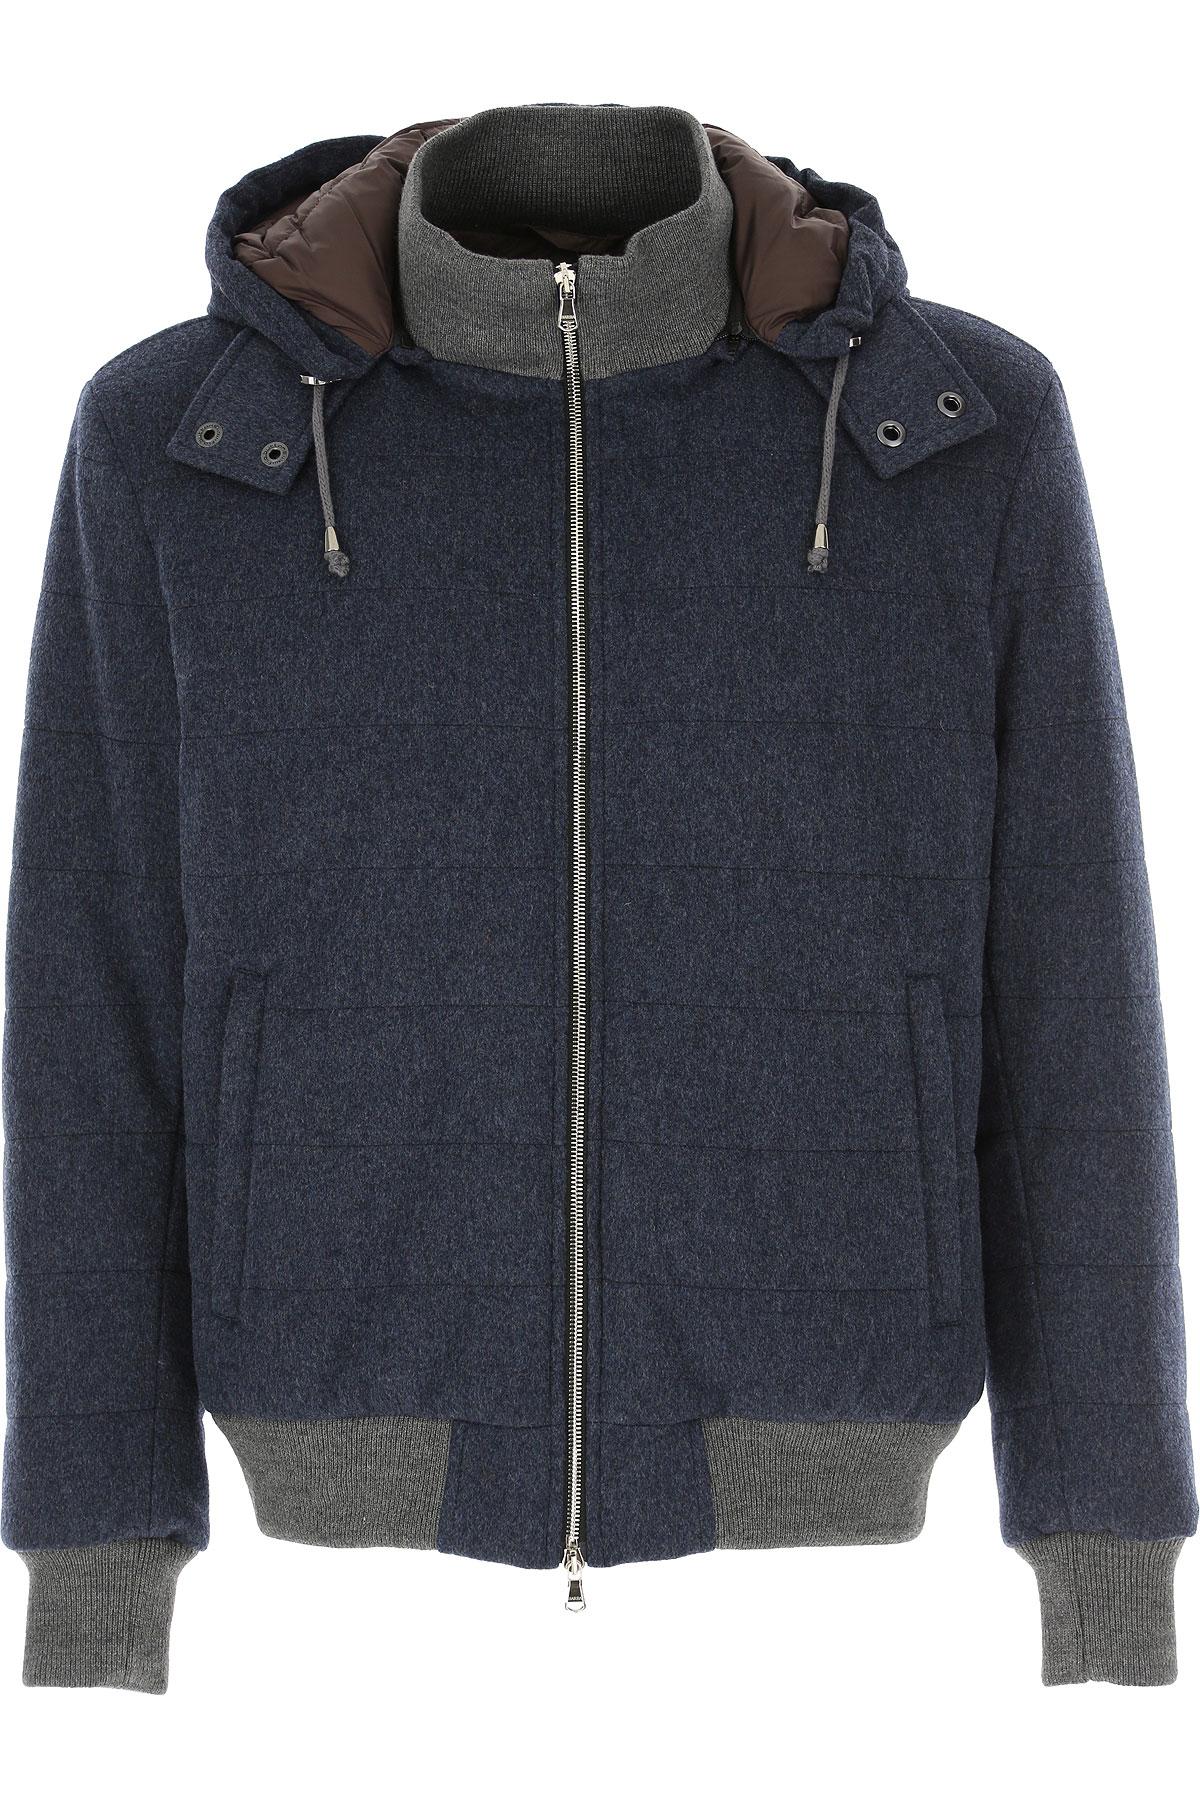 Barba Jacket for Men On Sale, Avio Blue, Wool, 2019, M S XL